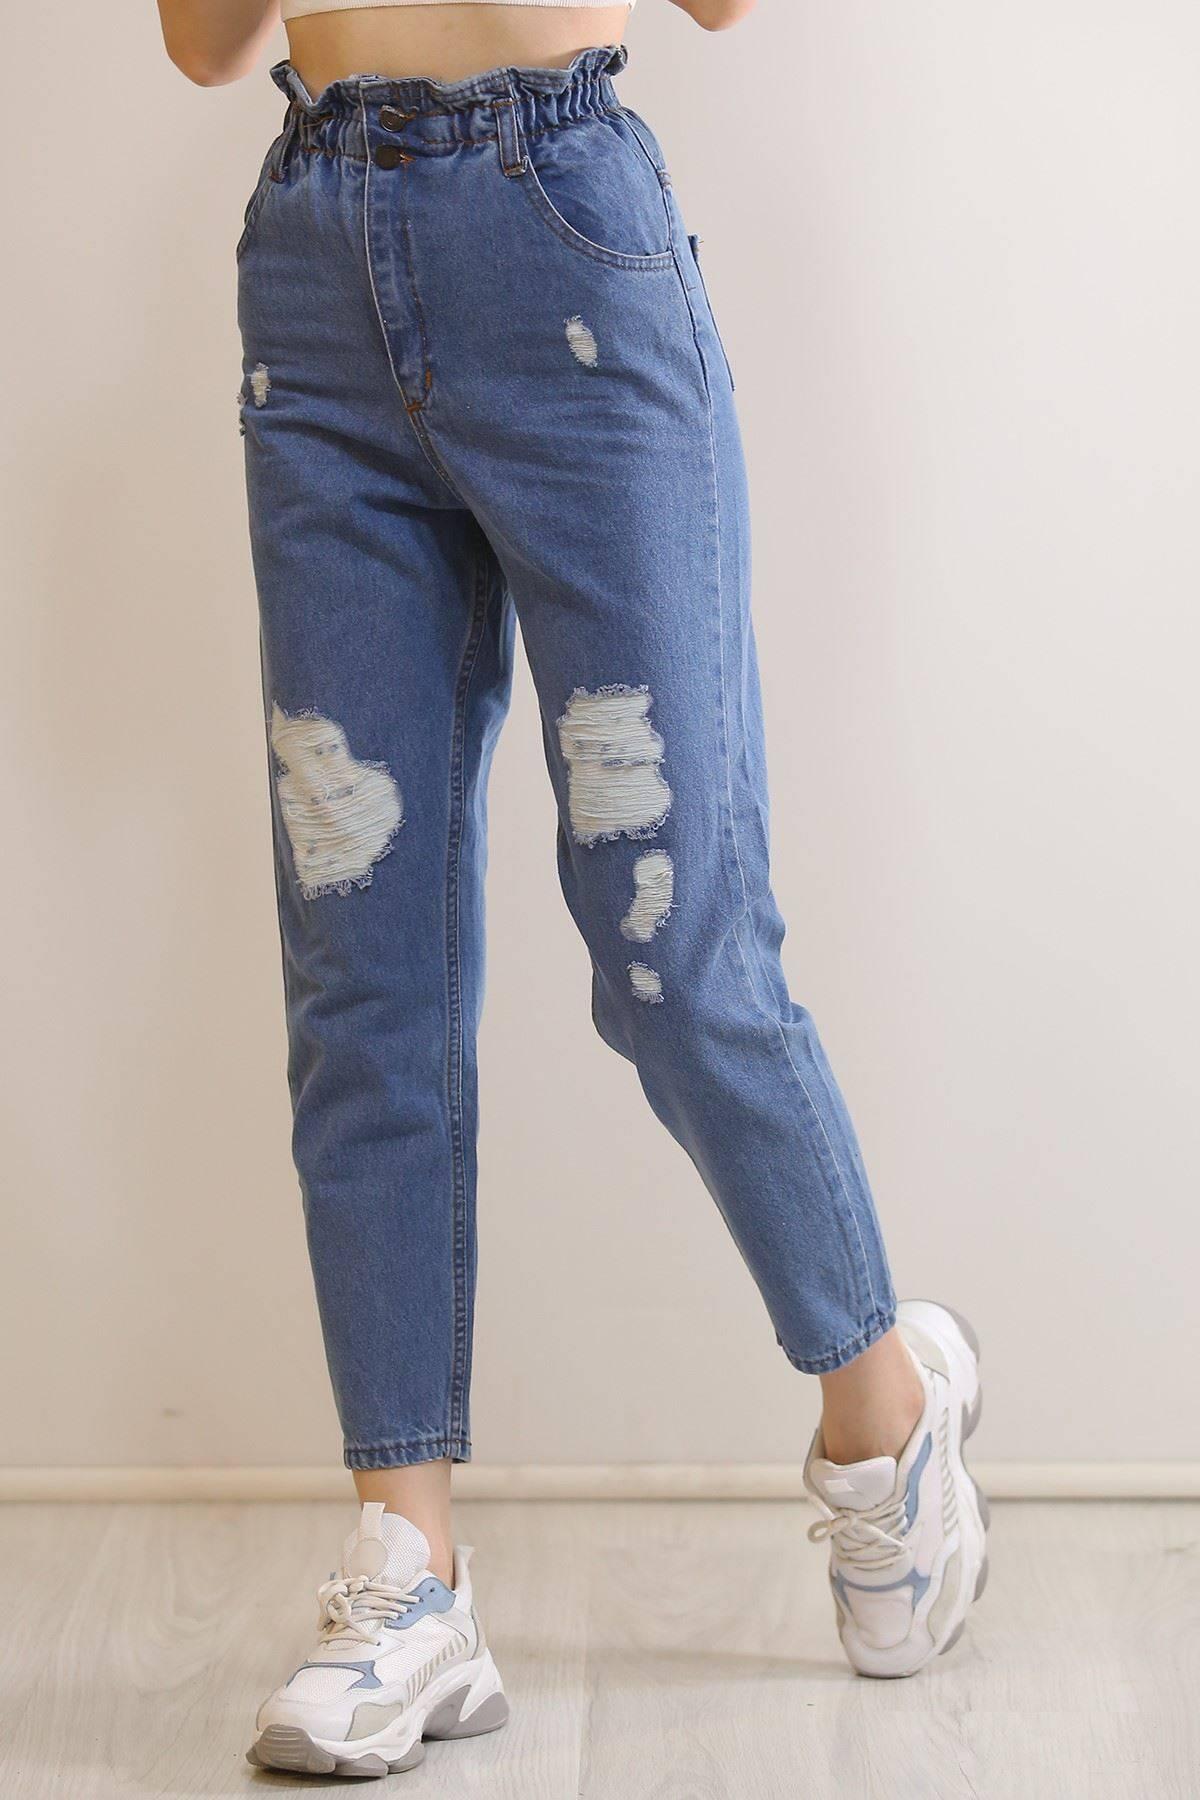 Beli Lastikli Lazer Kot Pantolon Mavi - 5985.925.